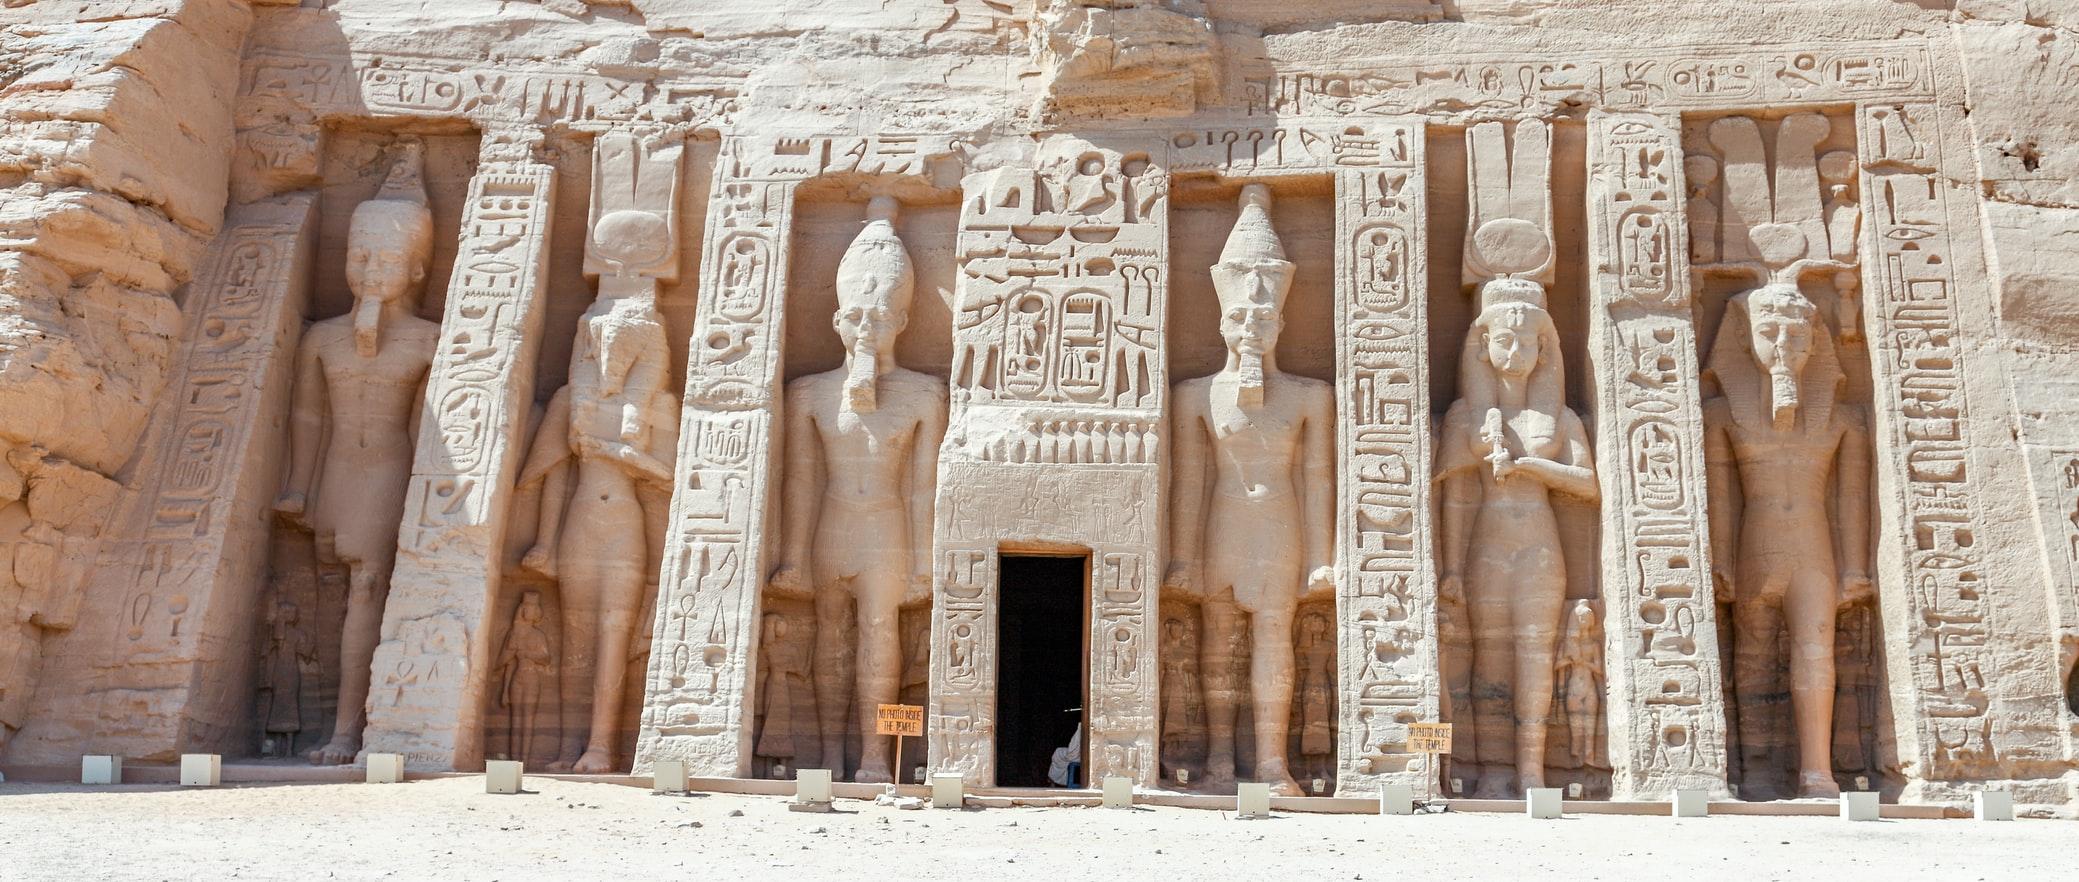 Abu Simbel-egypte